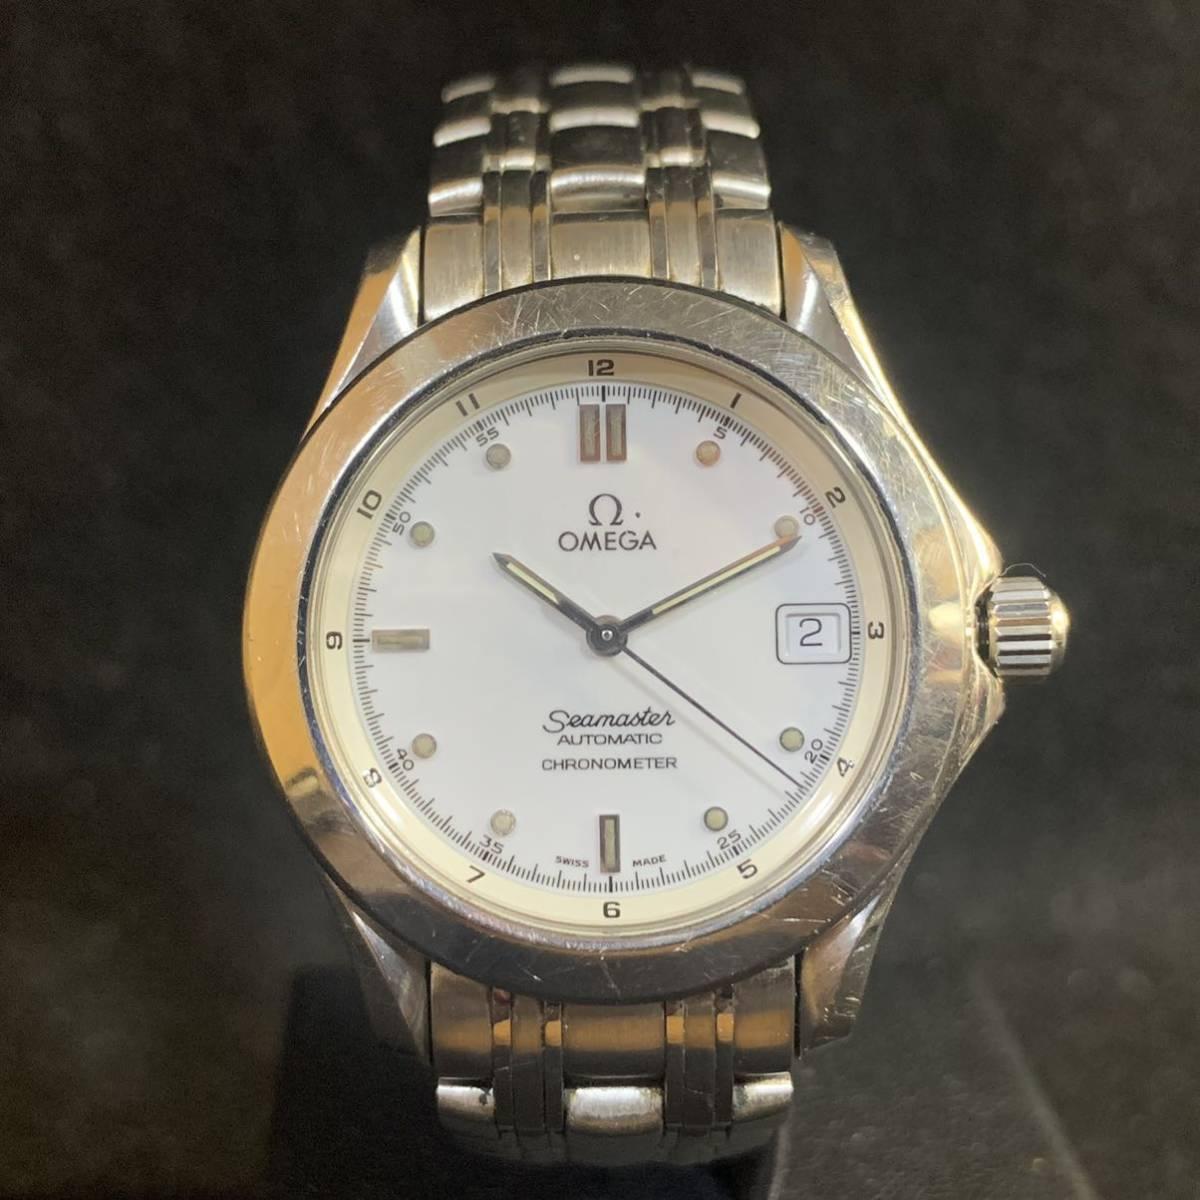 1円~ 【稼働品】OMEGA SEAMASTER オメガ シーマスター 168.1501 Cal.1109 自動巻き クロノメーター メンズ腕時計